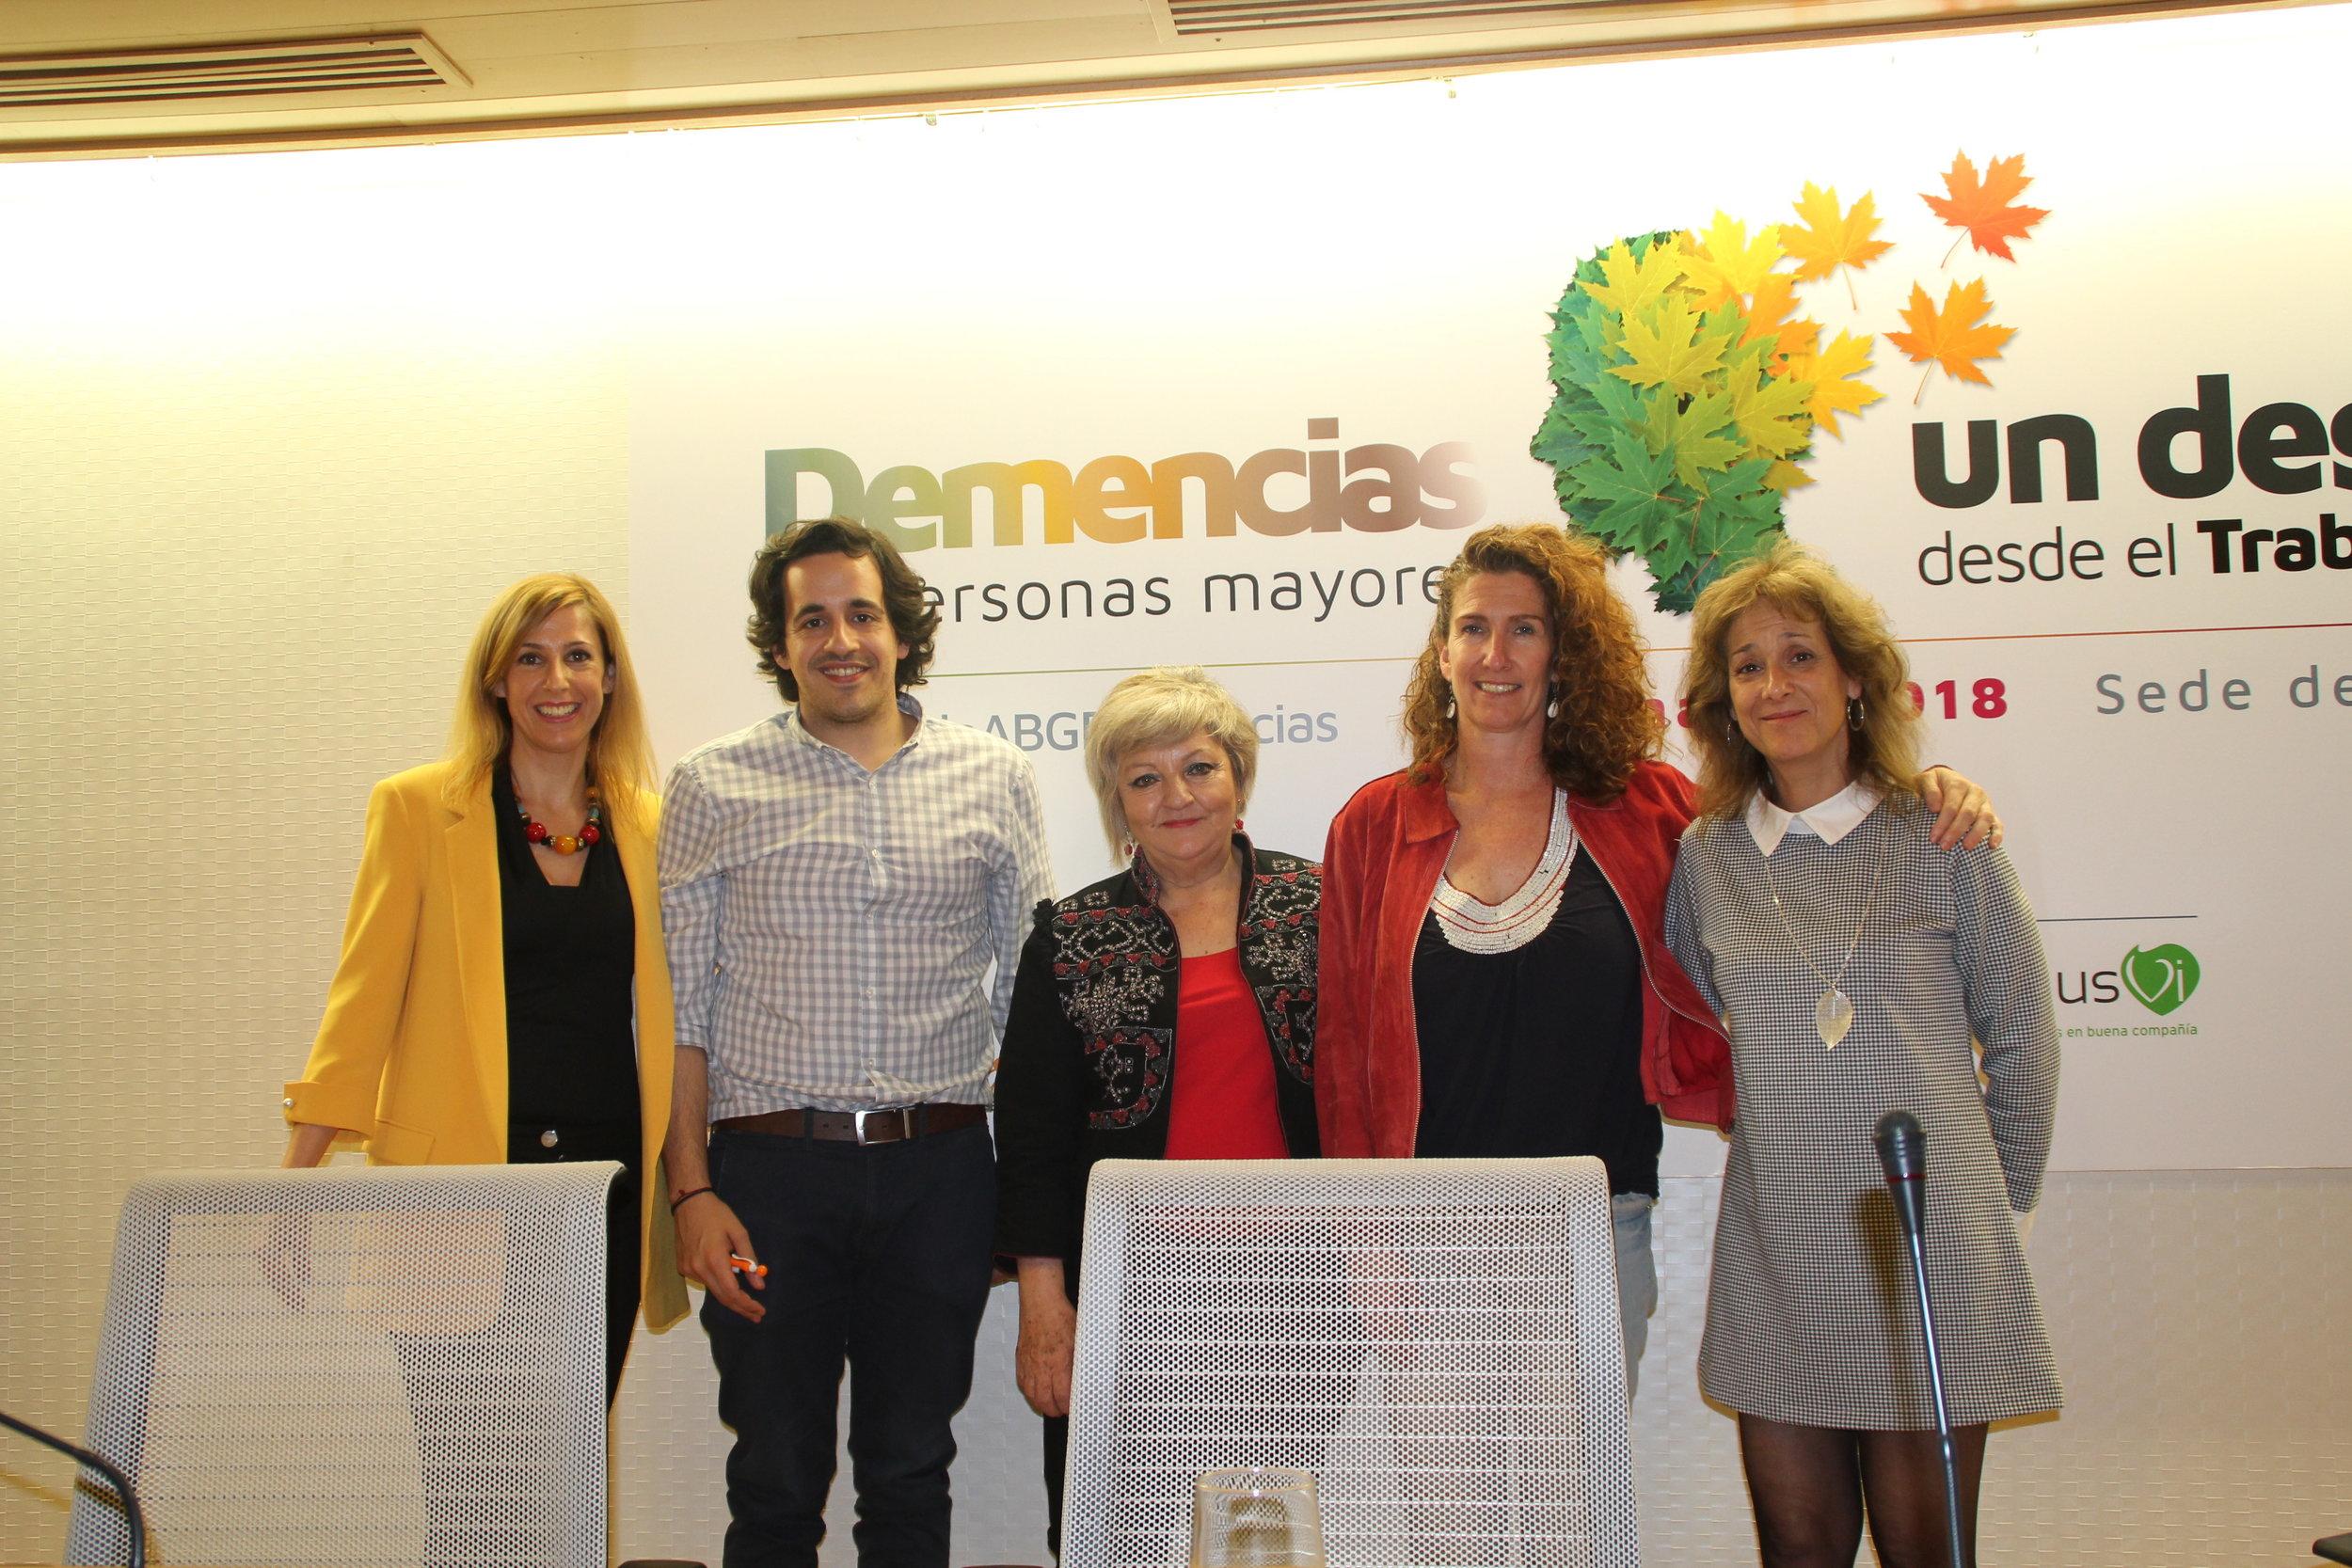 De izquierda a derecha: Silvia Sierra, Rubén Yusta, Carmén Balfagón, Marta Candel y Teresa Merlo.